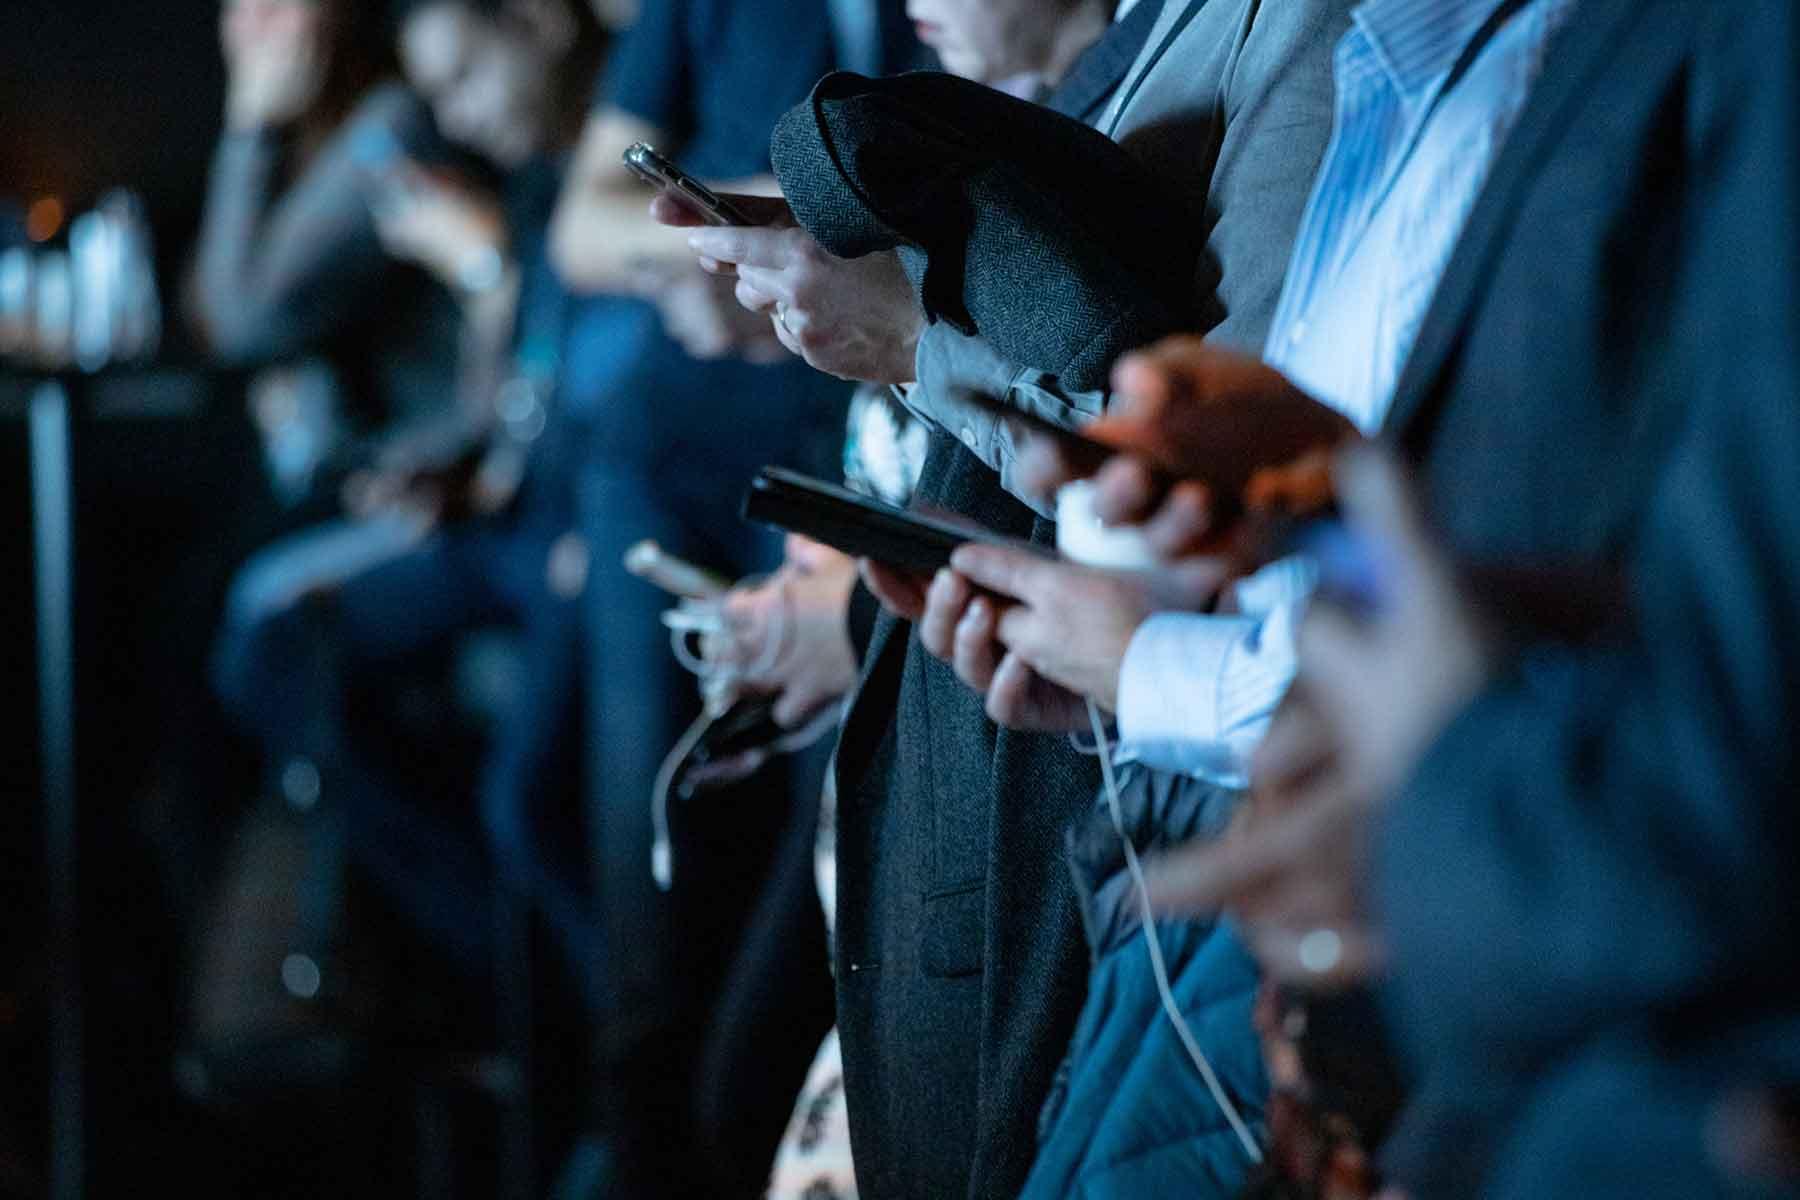 ¿Qué hacemos con las redes sociales?